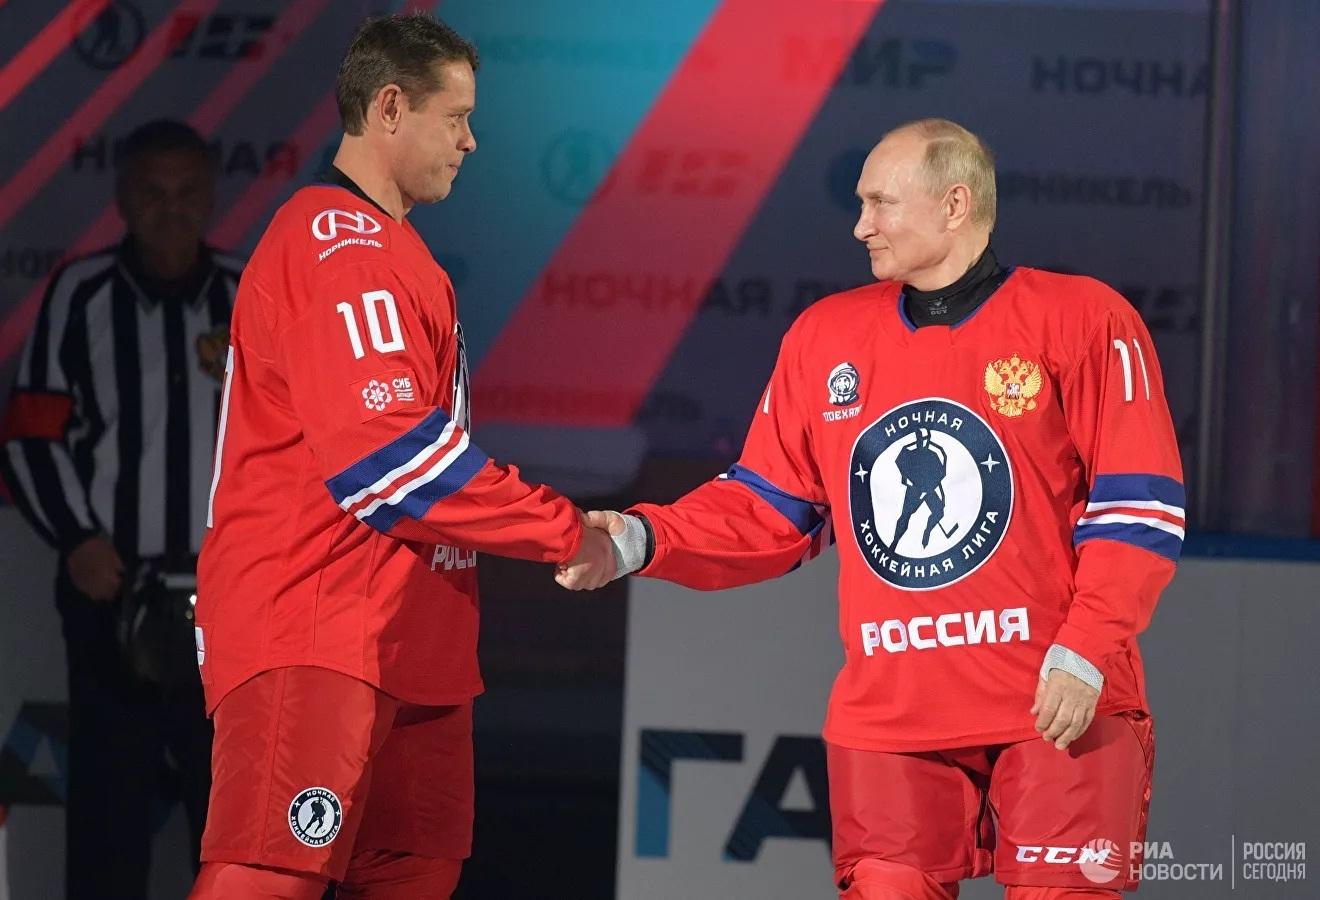 Ông Putin 'xuất trận', ghi 8 bàn trong một trận đấu khúc côn cầu